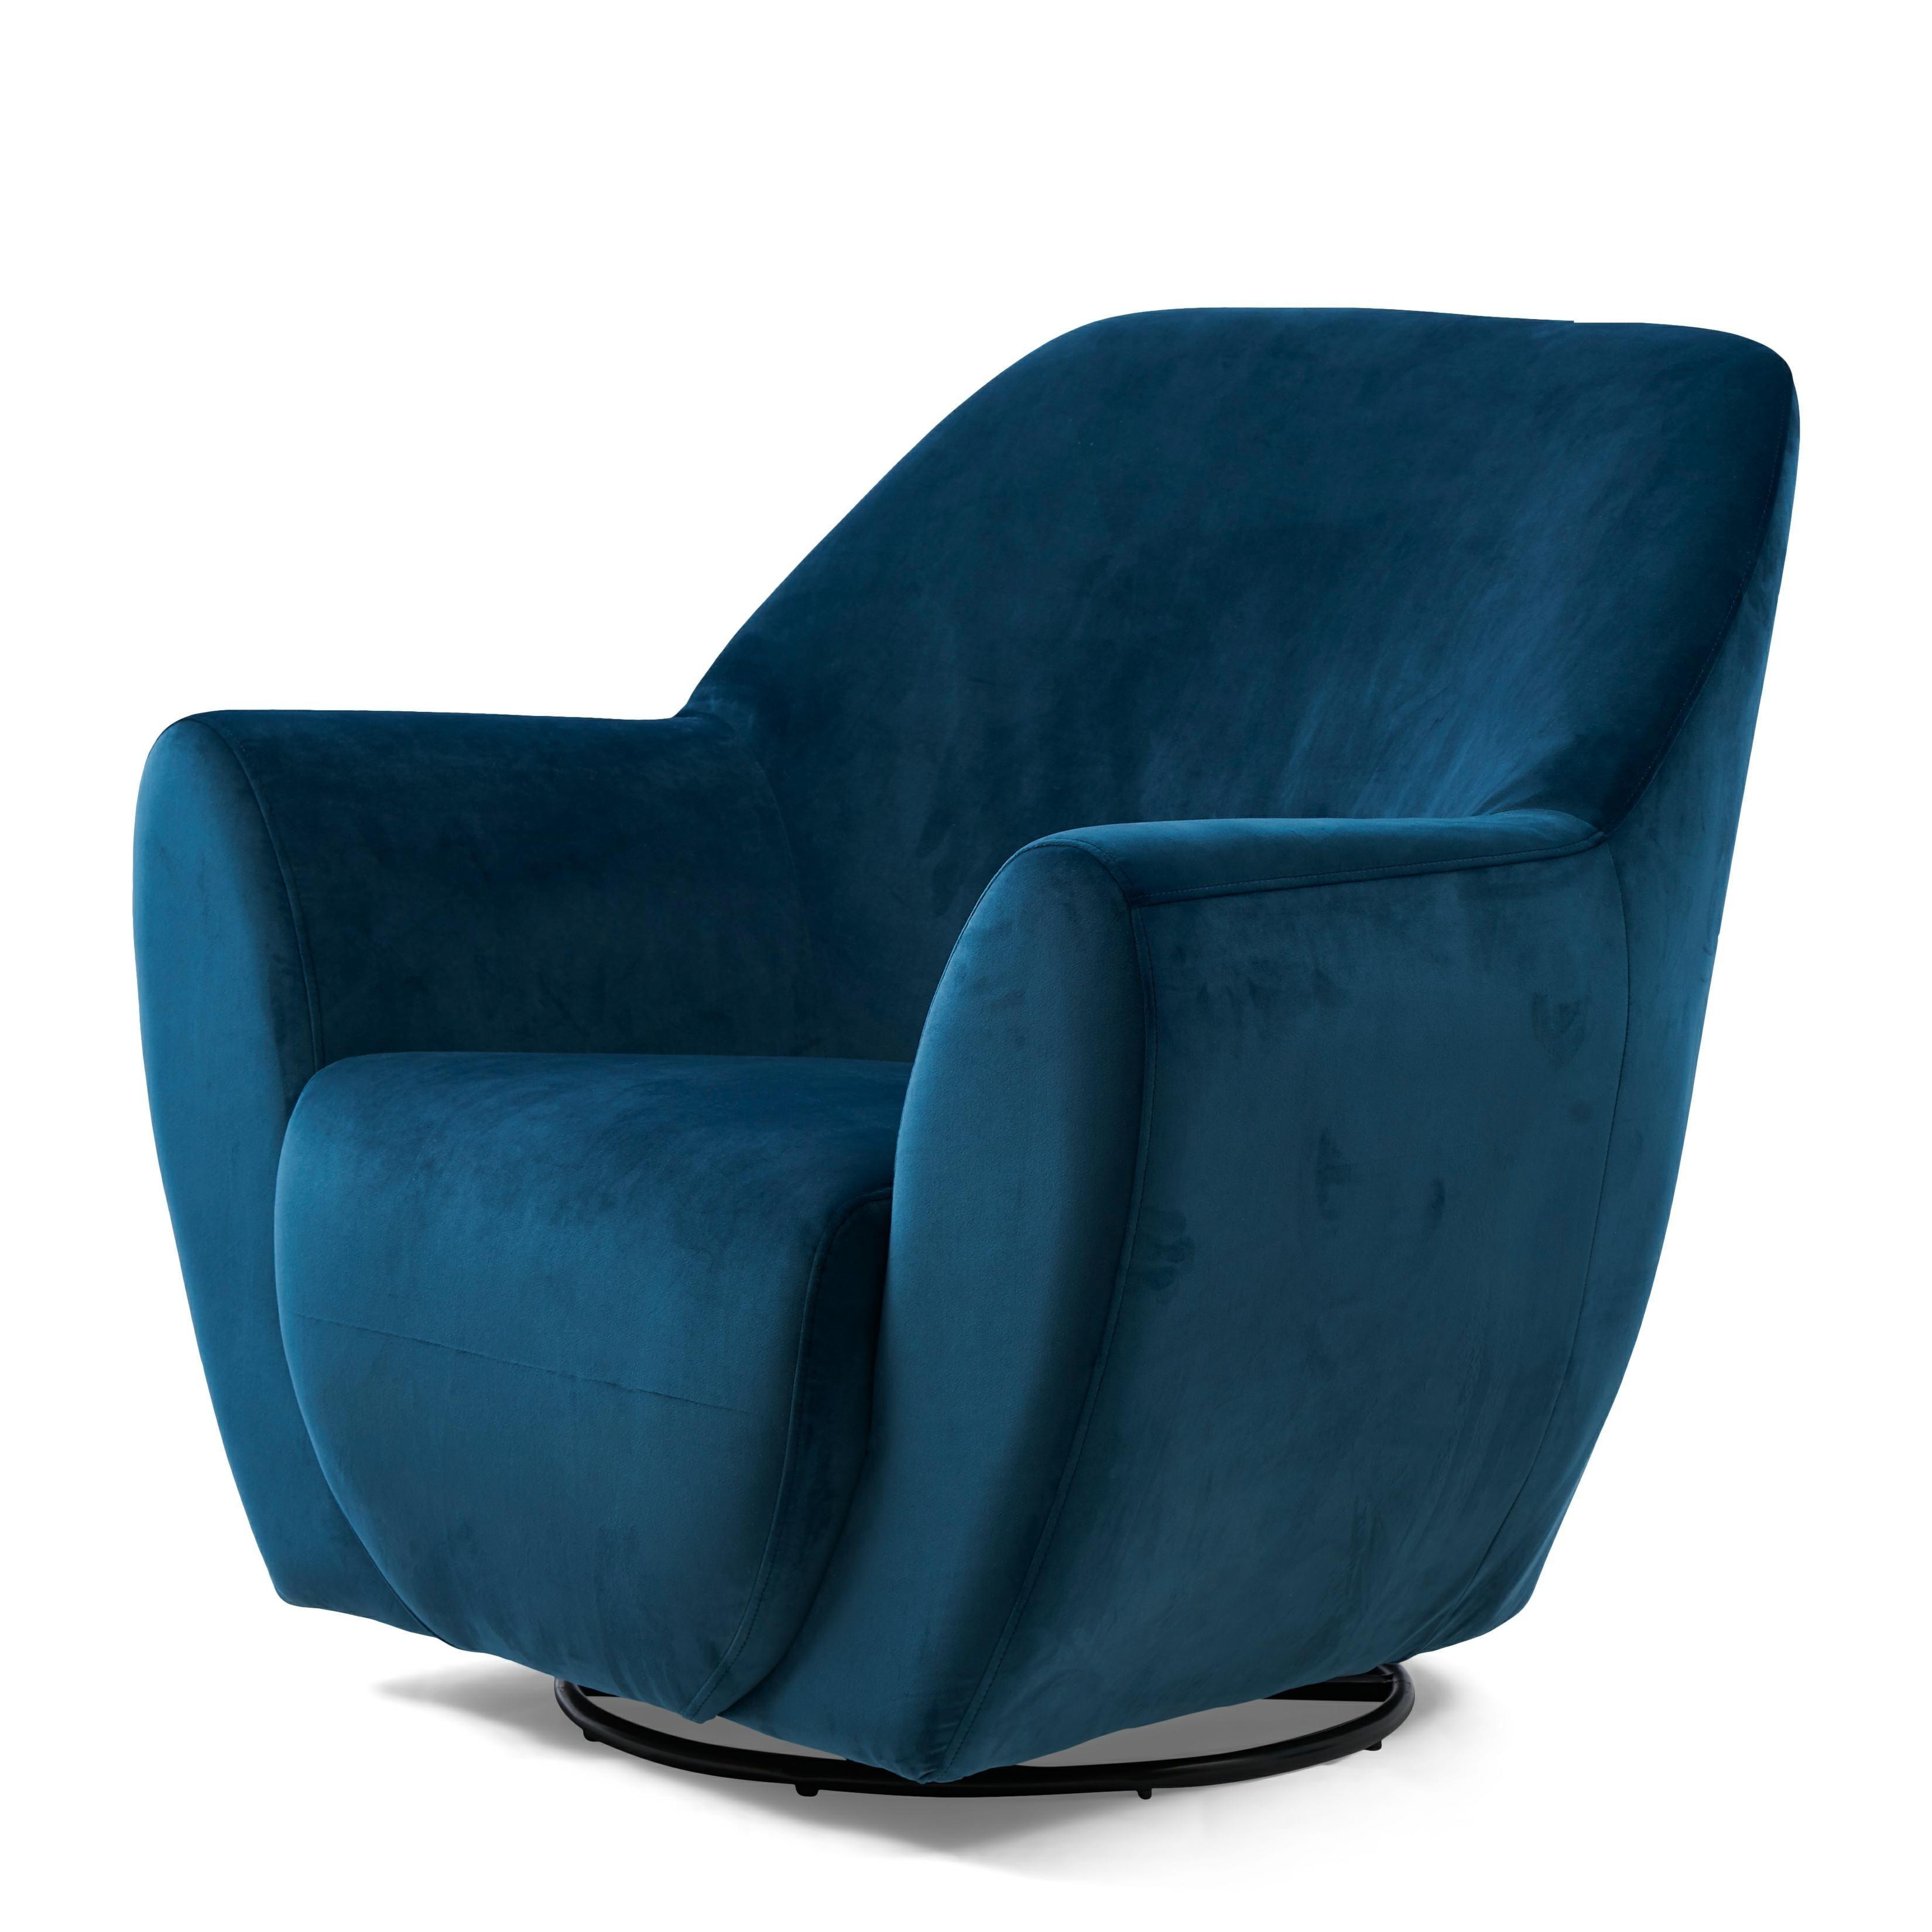 The Jill Swivel Chair velvet ocean blue / Rivièra Maison